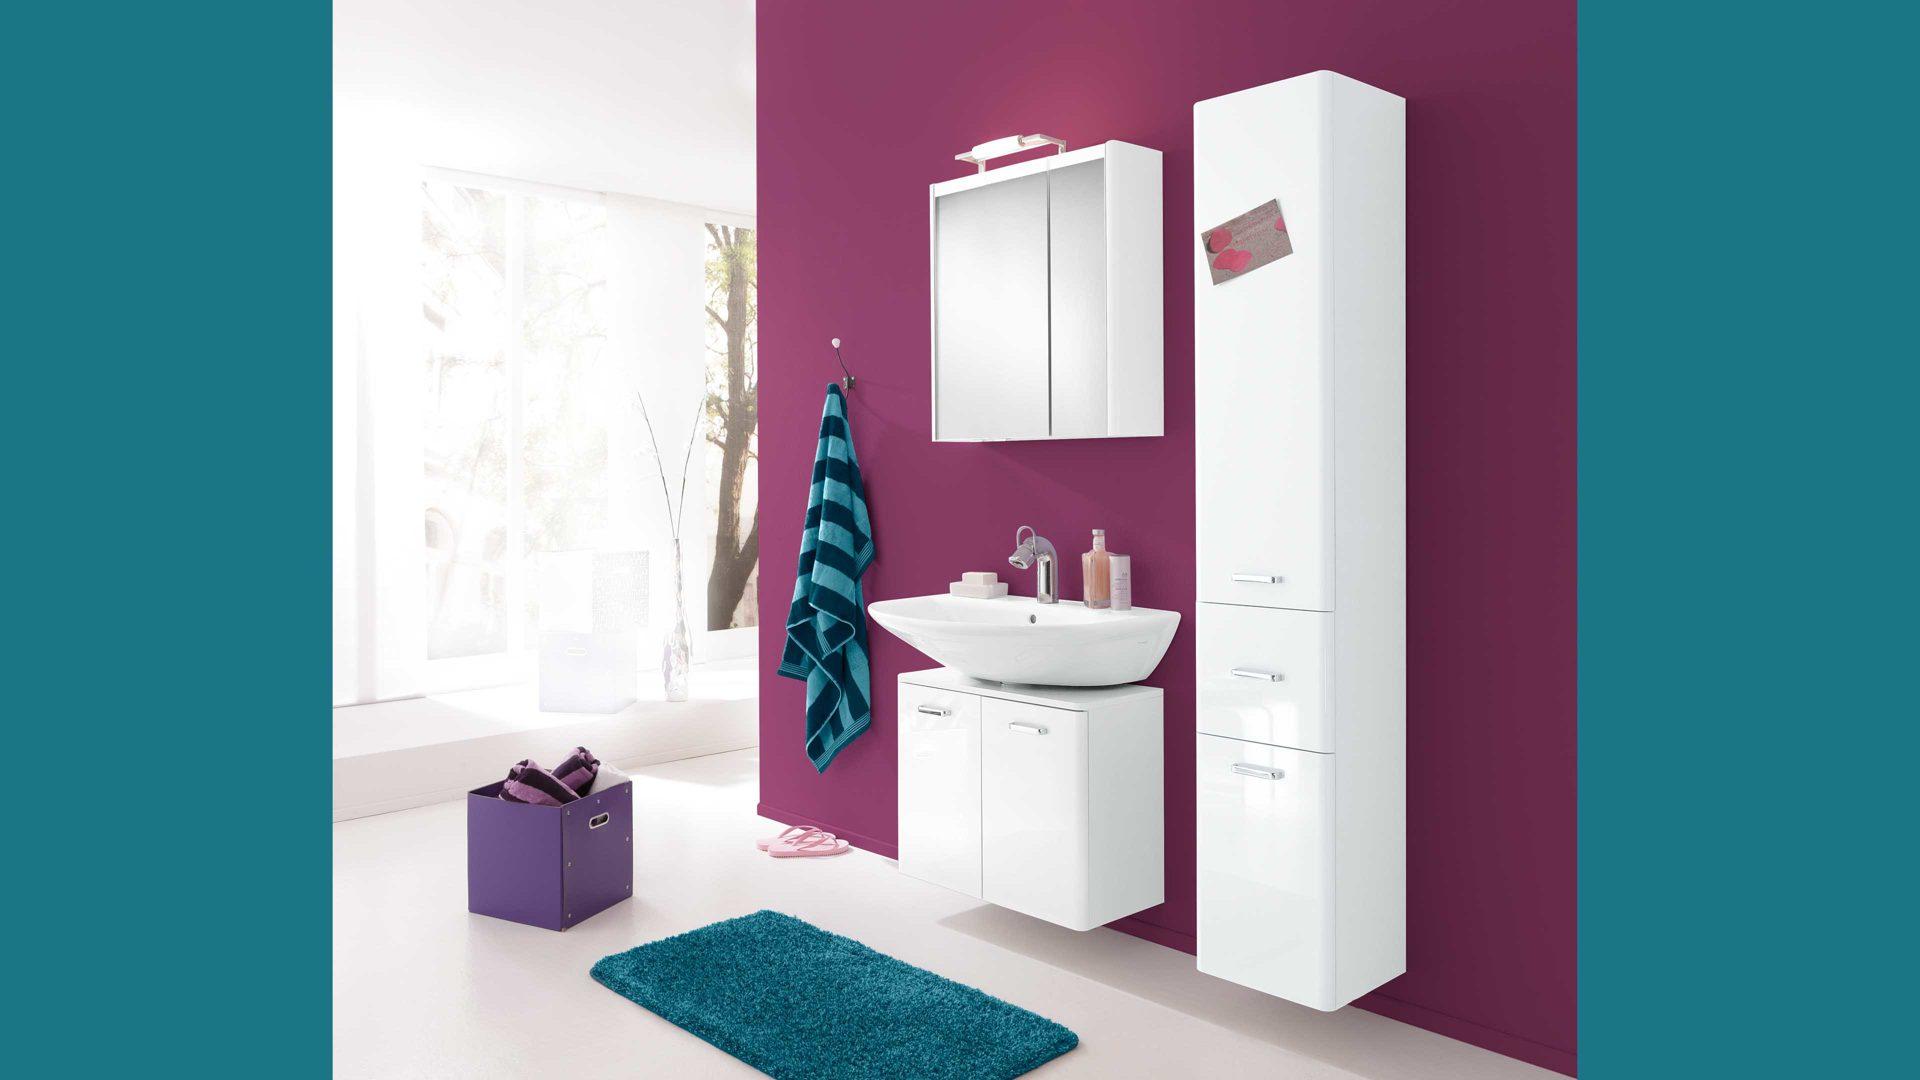 Extrem pelipal Waschbeckenunterschrank Piolo als Waschtischunterschrank ID14